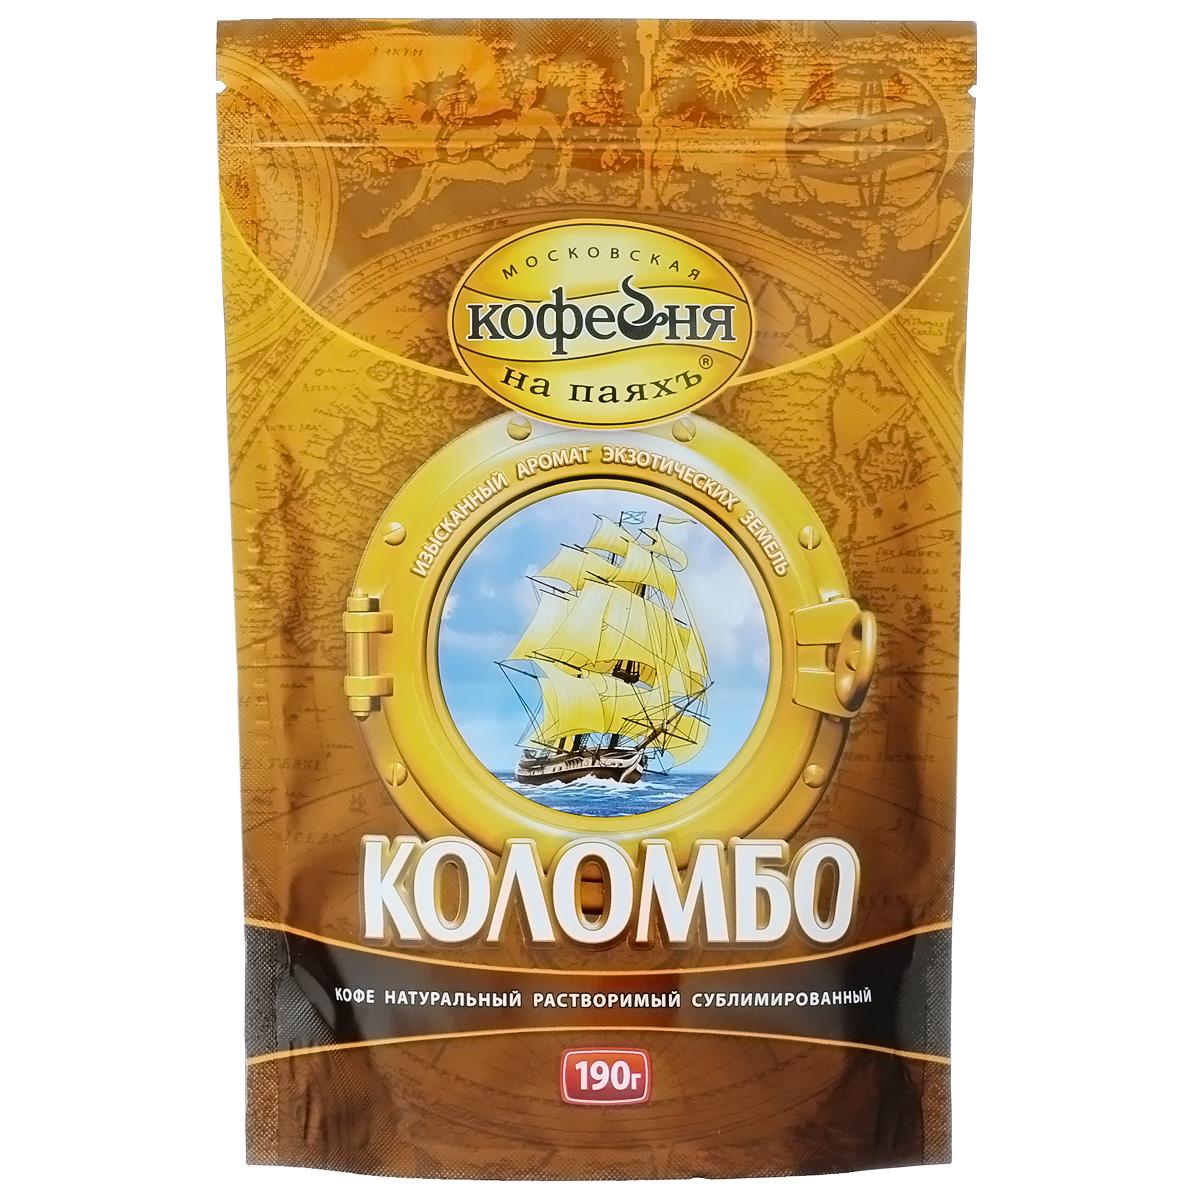 Московская кофейня на паяхъ Коломбо кофе рaстворимый, пакет 190 г4601985003404Кофе натуральный растворимый сублимированный Московская кофейня на паяхъ Коломбо. Приготовлен из высококачественной Арабики. Темная обжарка придает крепкий насыщенный вкус и глубокий аромат.Родина кофе – Африка, но только в странах Латинской Америки он нашел свой истинный дом, ведь идеальные условия для возделывания кофейного дерева самой природой созданы именно там. Коломбо понравится тем, кто ценит крепкий кофе со сложным, чуть терпким вкусом. Если Арабика кажется вам слишком мягкой, попробуйте Коломбо. Это идеально выверенная смесь сортов арабики из Южной и Центральной Америки.